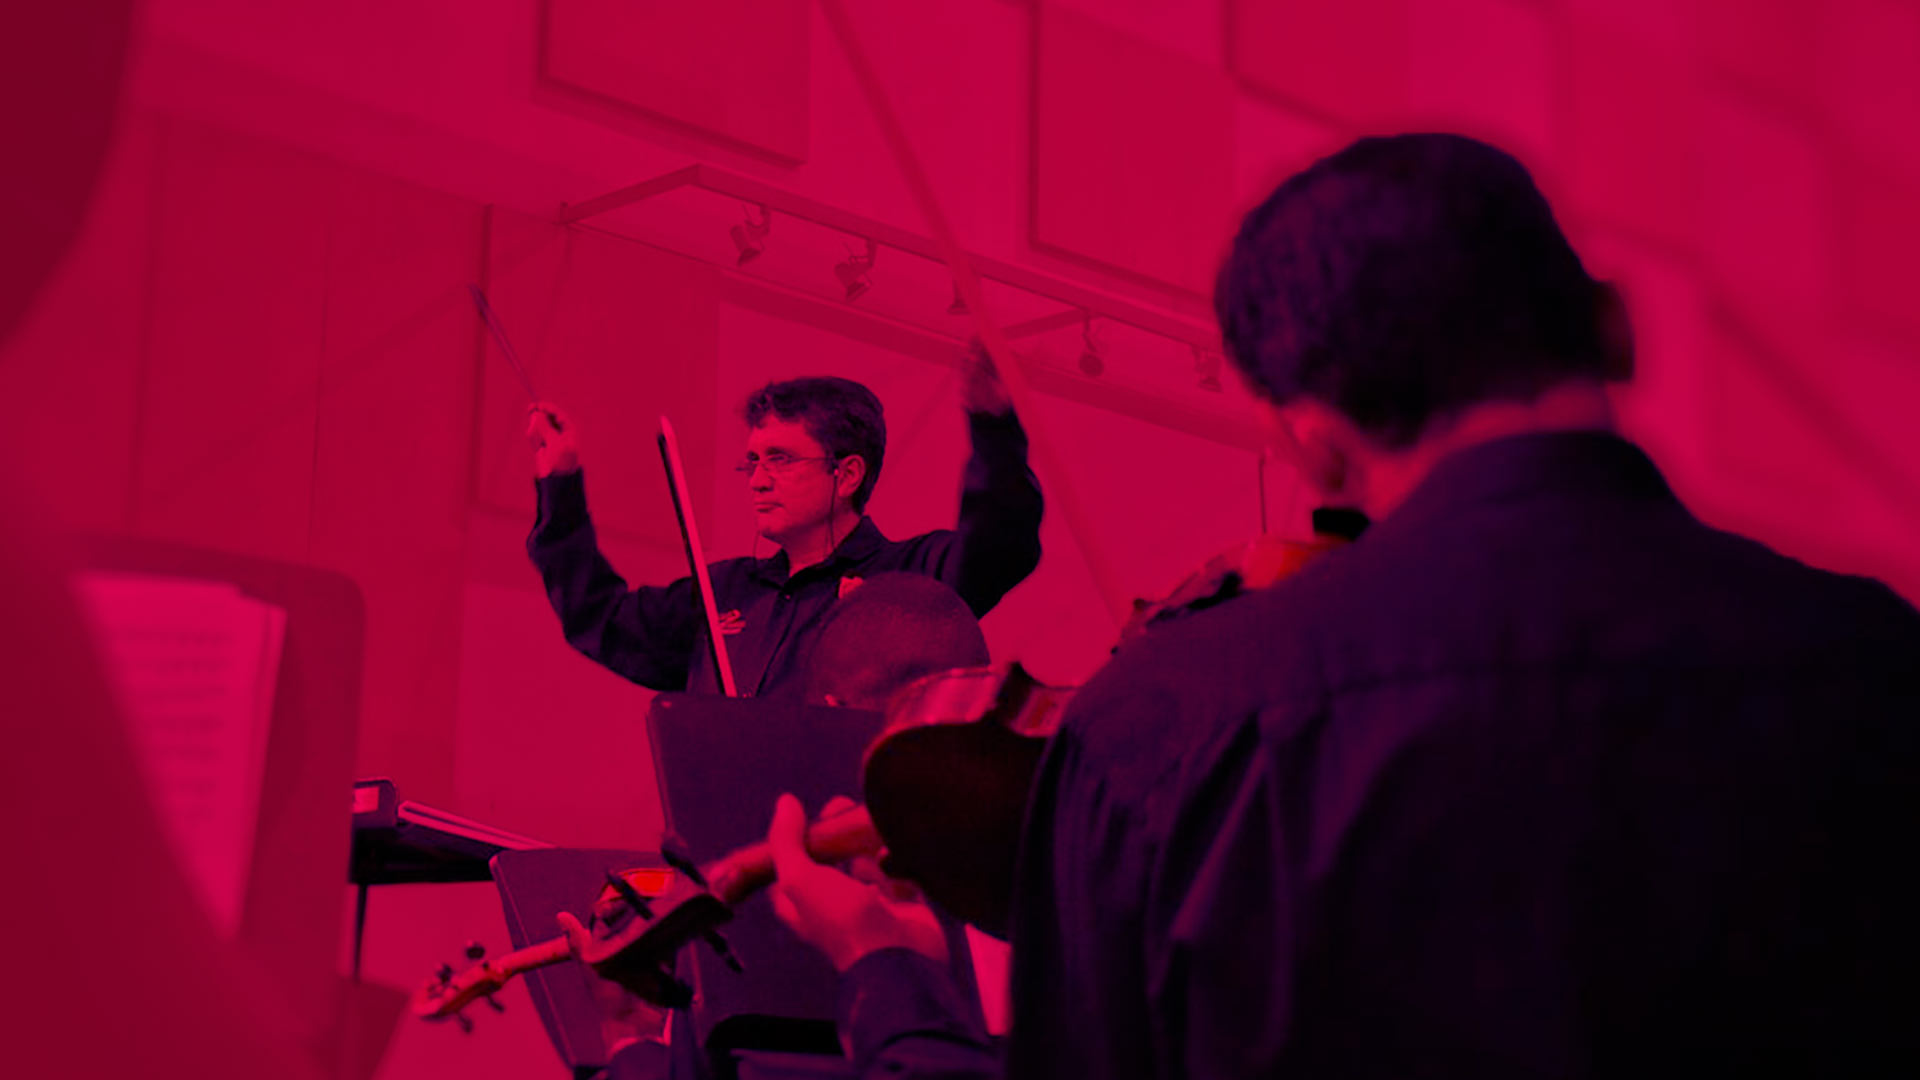 Entrevista con Germán Céspedes, director invitado del primer concierto del año de la Orquesta de Los Andes